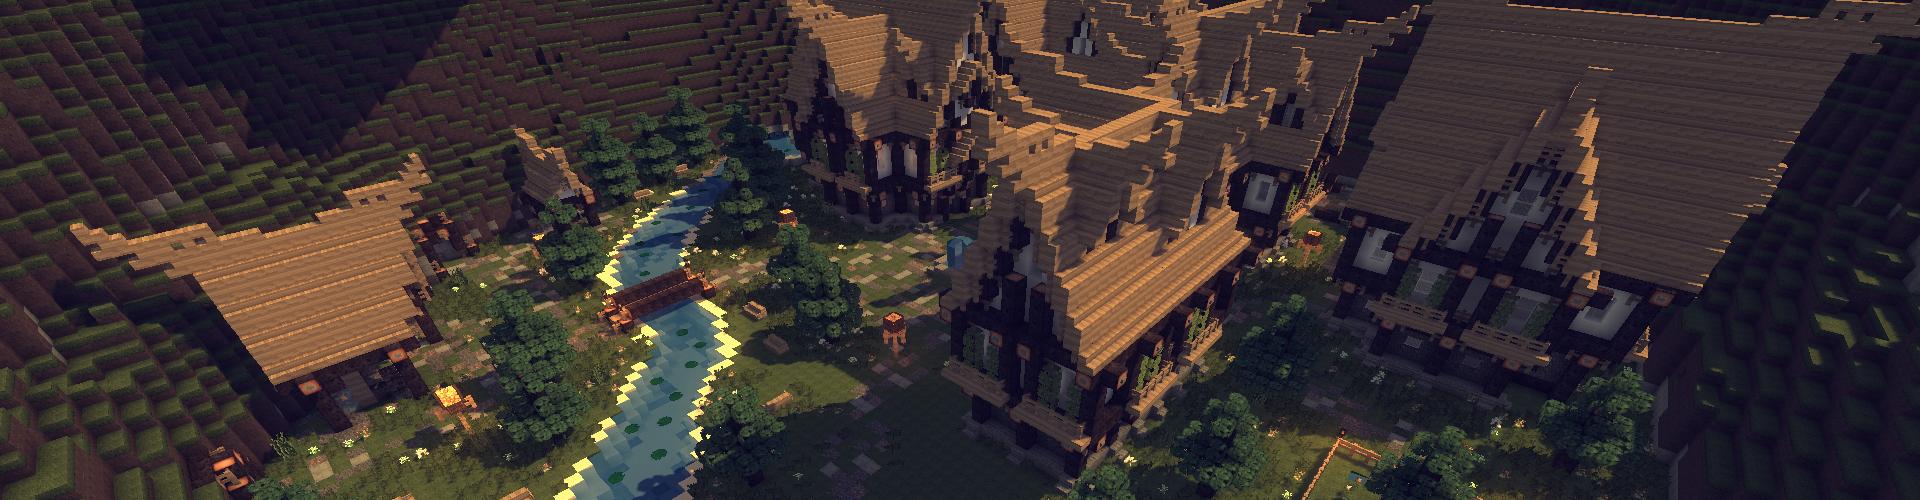 minecraft kitpvp map